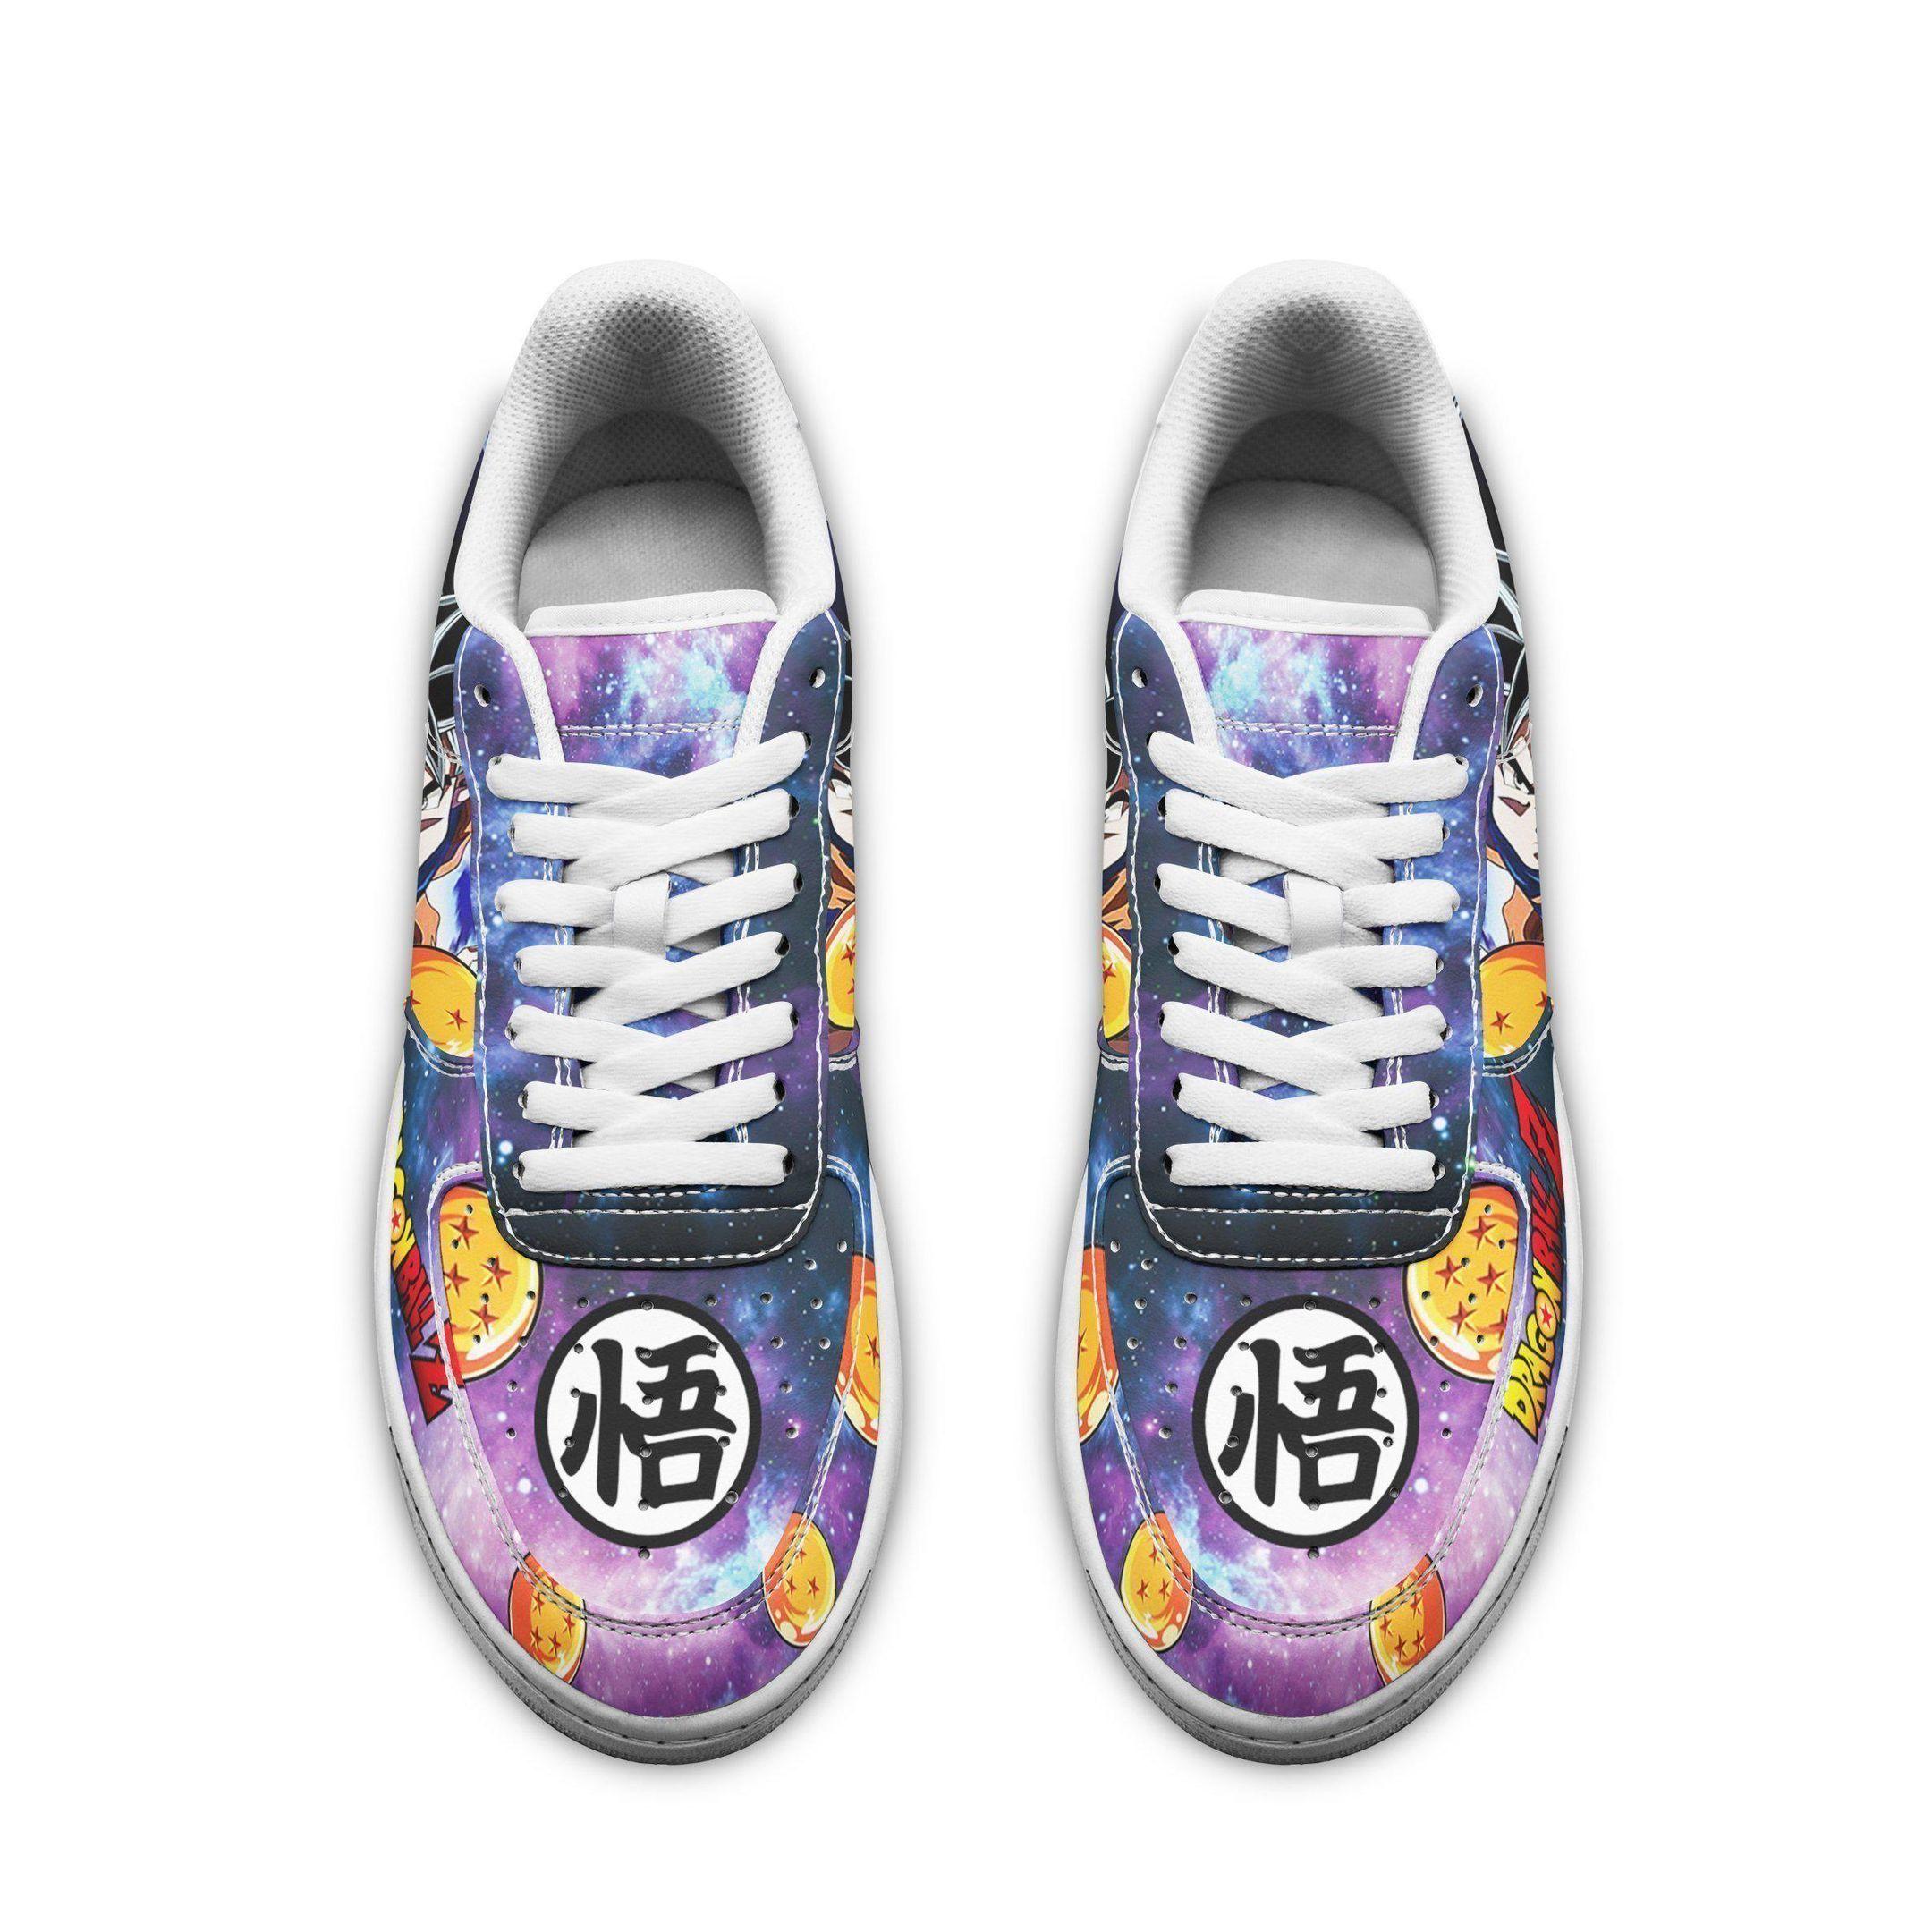 Goku Ultra Instinct Air Shoes Dragon Ball Super Anime custom shoe GO1012